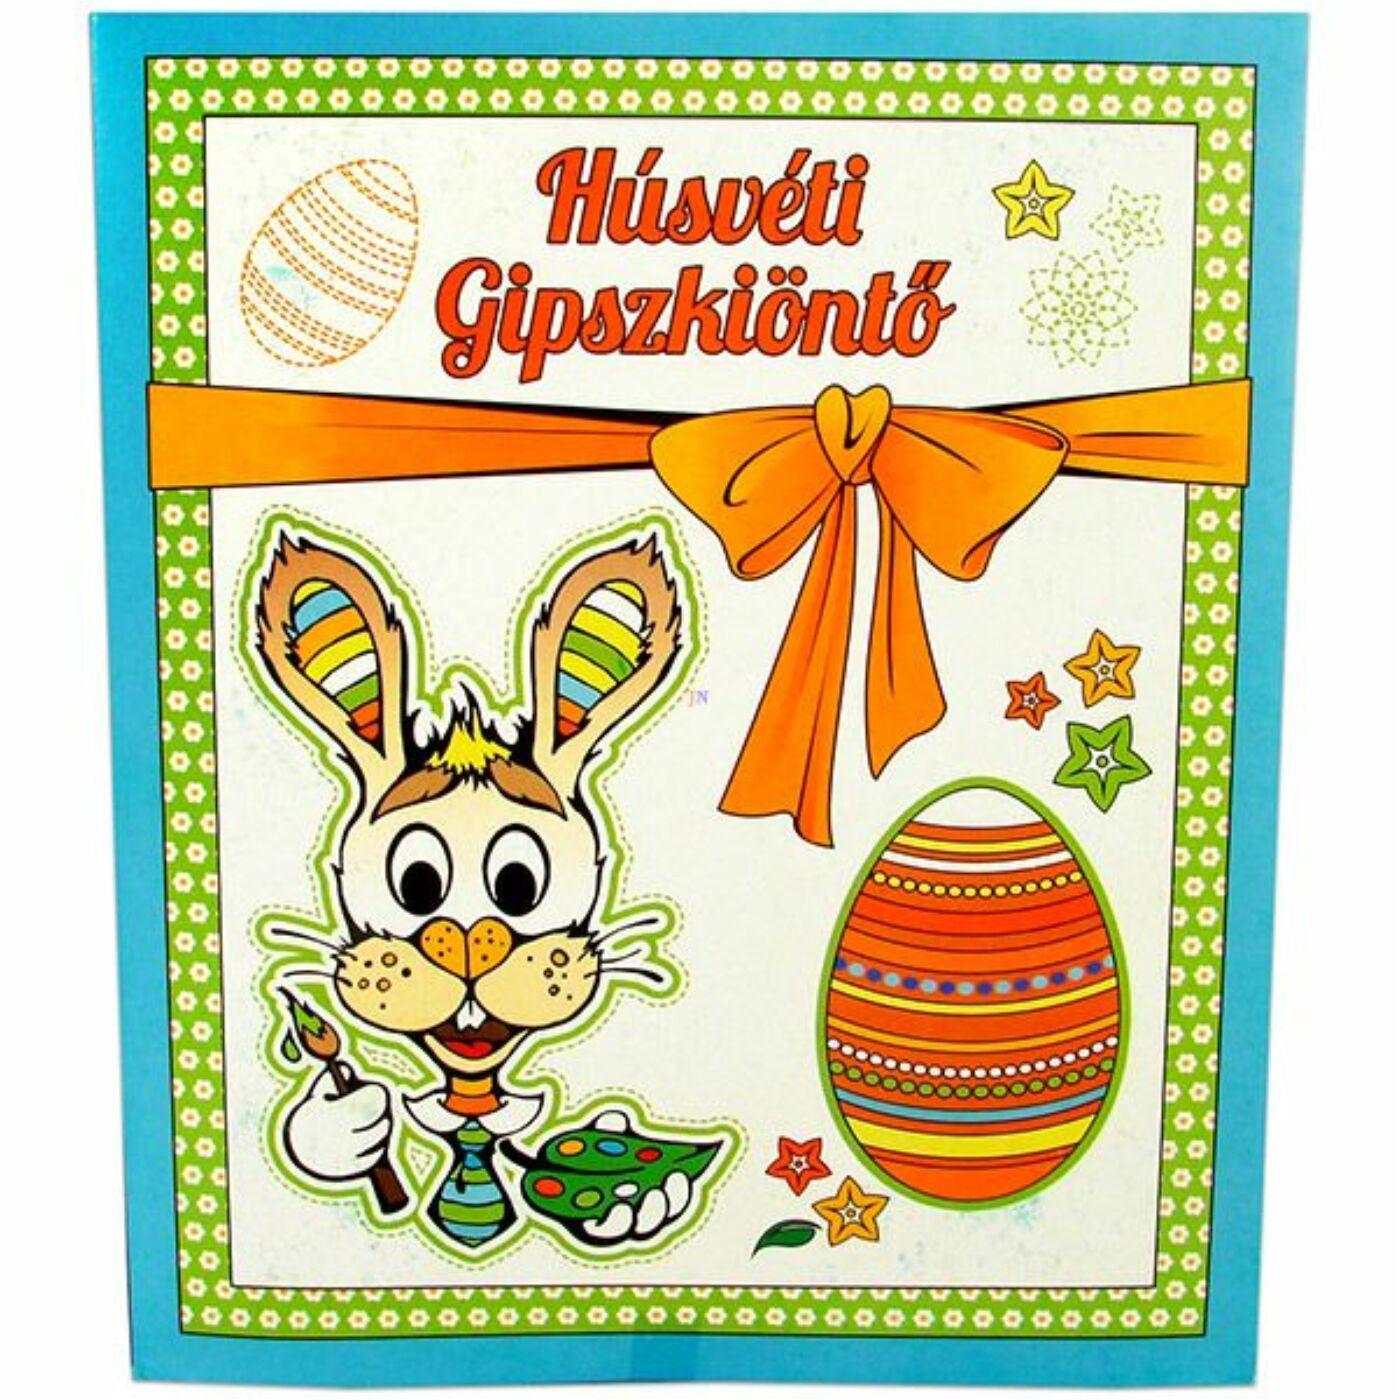 Húsvéti gipszkiöntő